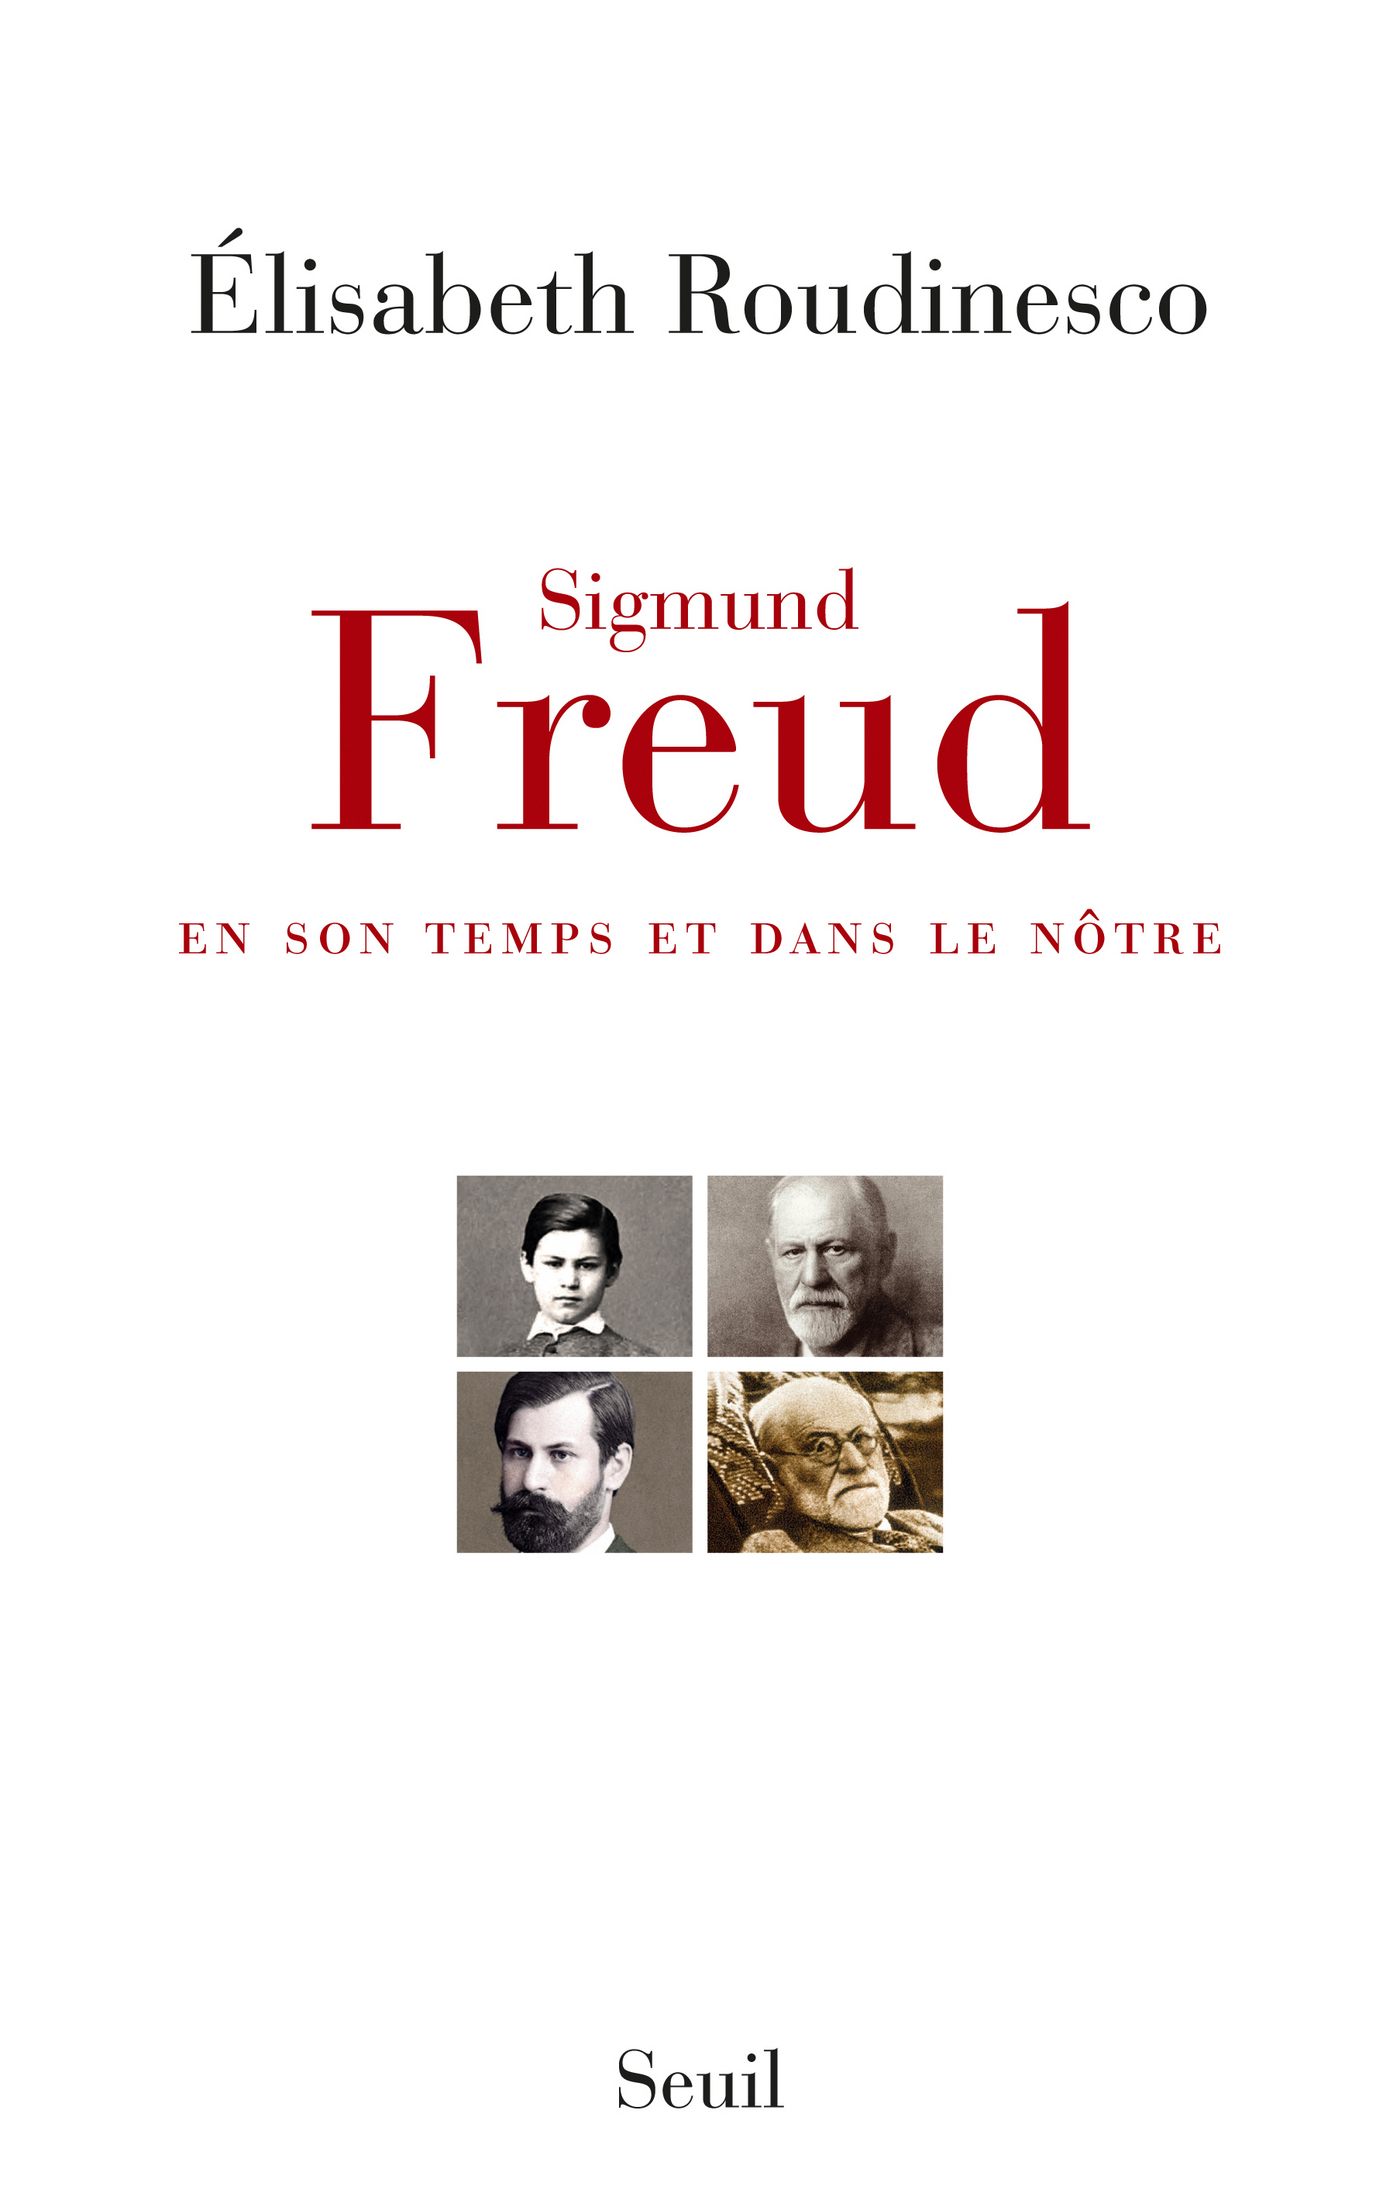 Sigmund Freud . en son temps et dans le nôtre, EN SON TEMPS ET DANS LE NÔTRE